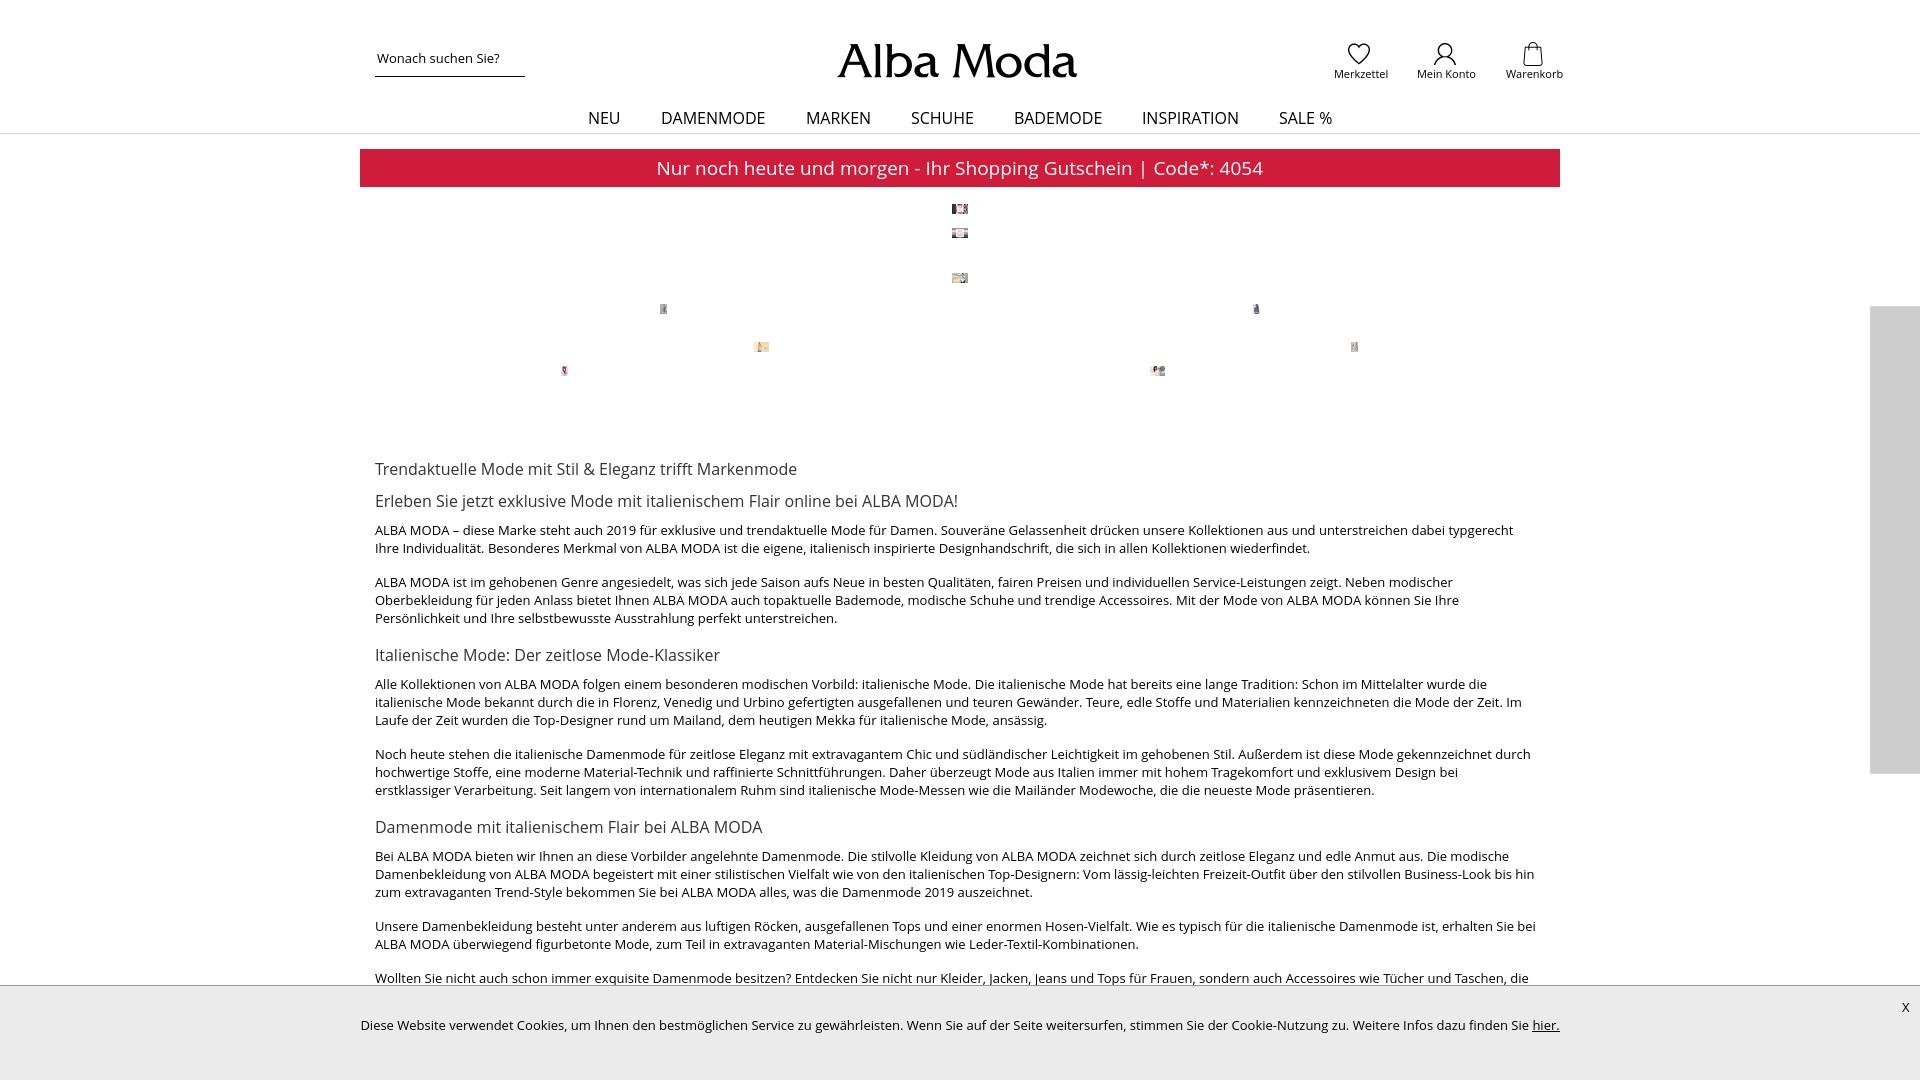 Gutschein für Albamoda: Rabatte für  Albamoda sichern